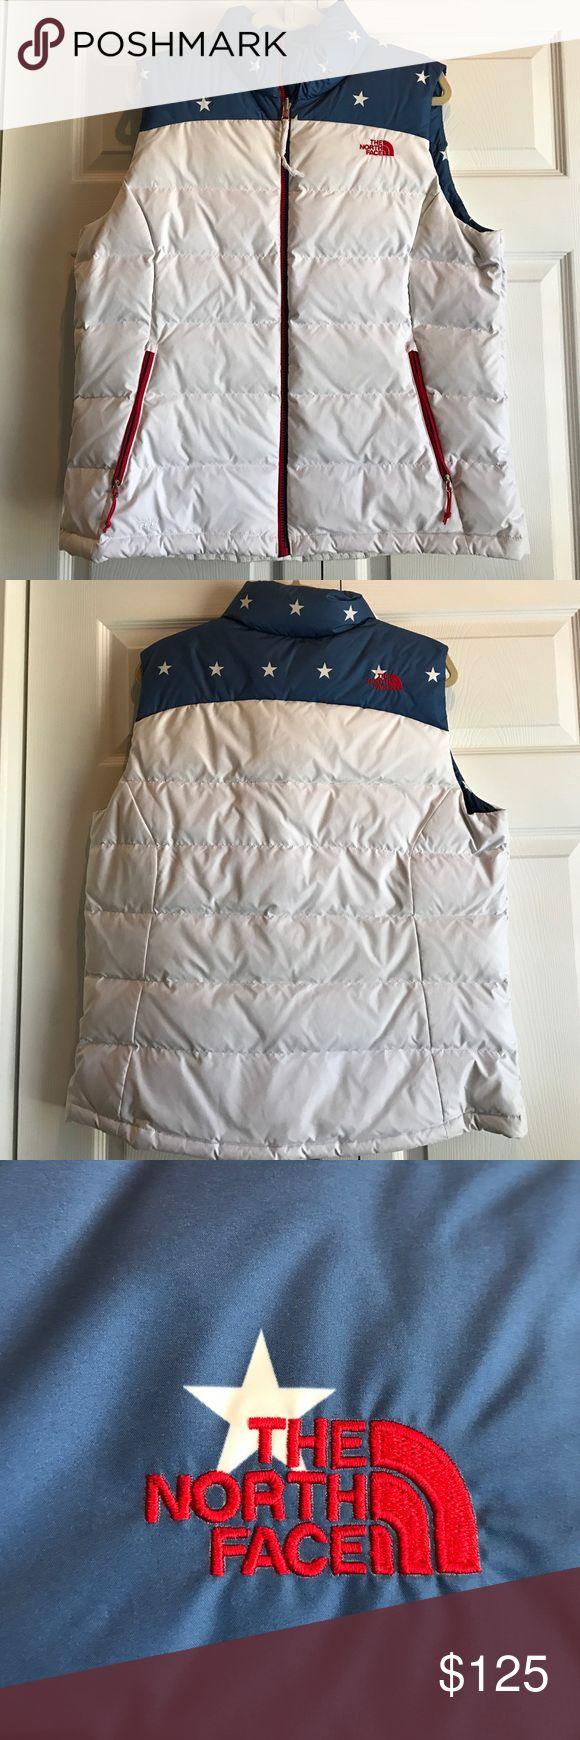 the north face vest the north face vest The North Face Jackets & Coats Vests